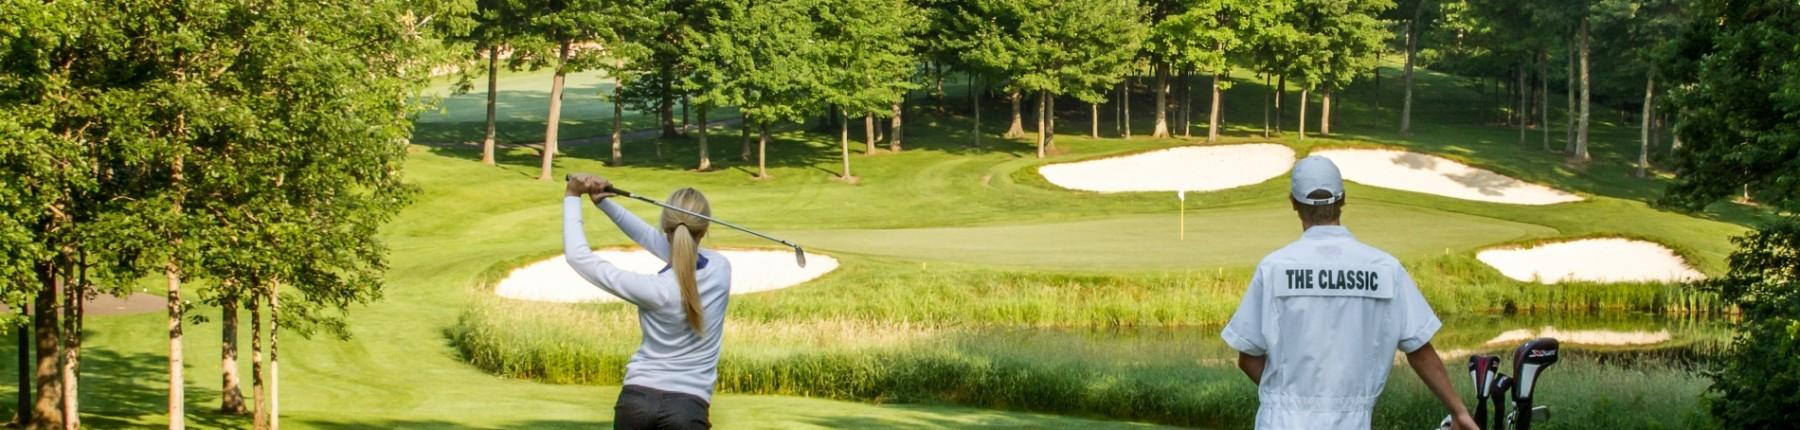 Golfing at Madden's